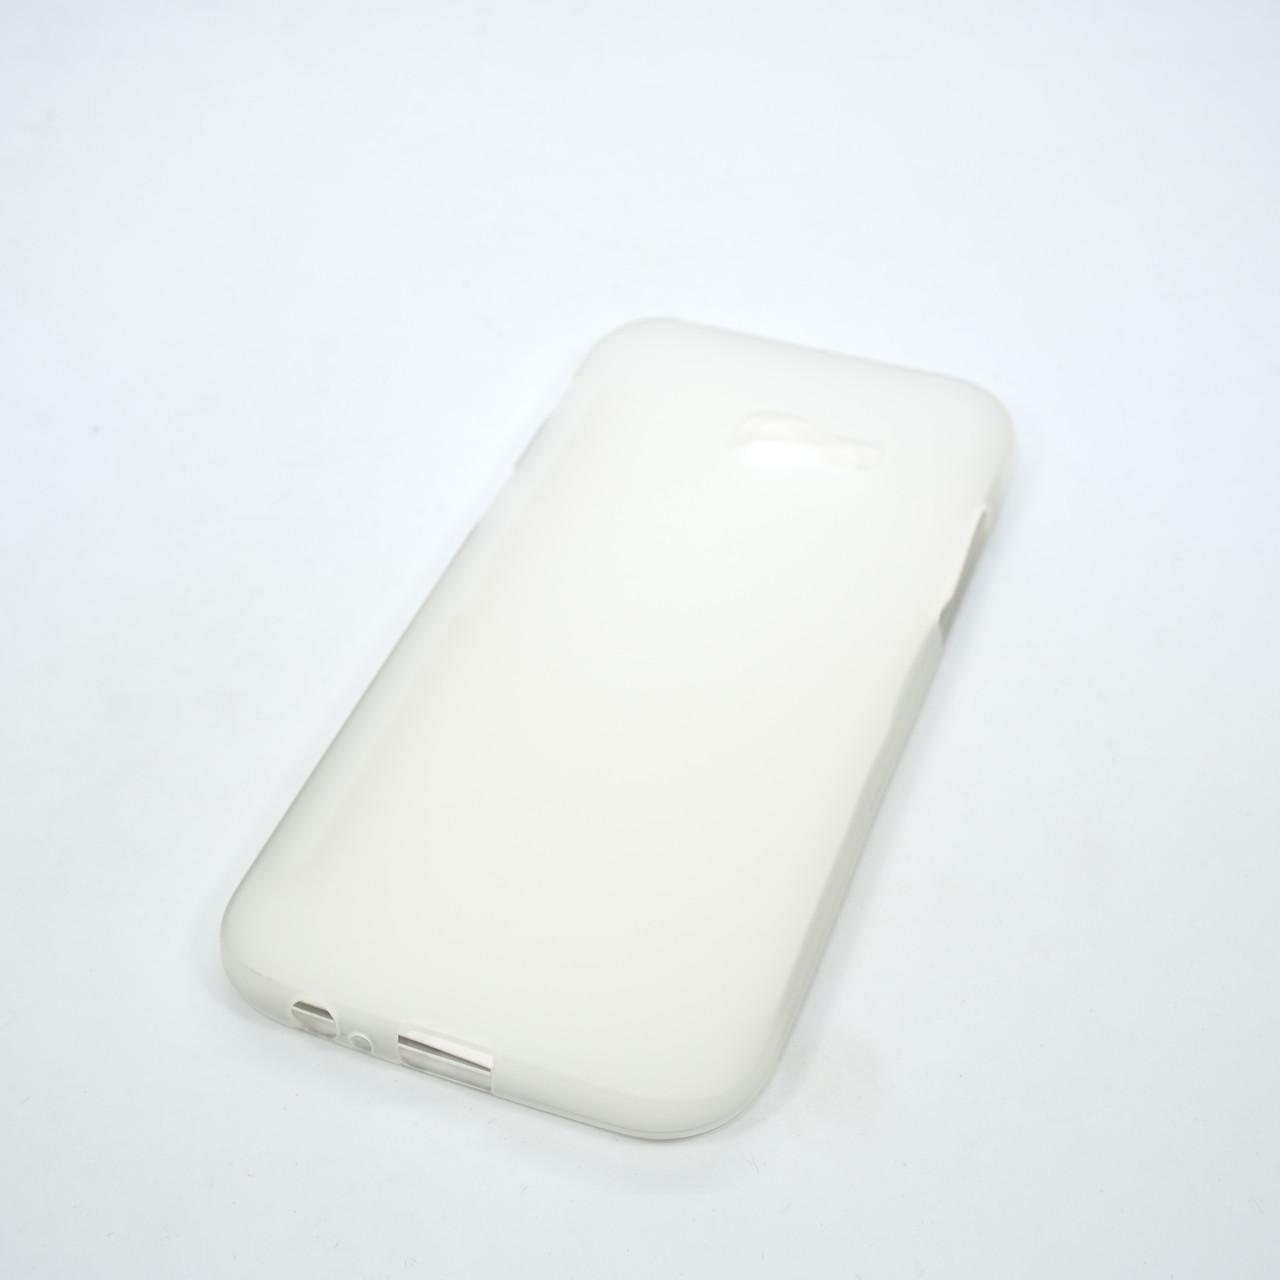 Чехол TPU Samsung A520 white Galaxy A5 (A520) 2017 Для телефона